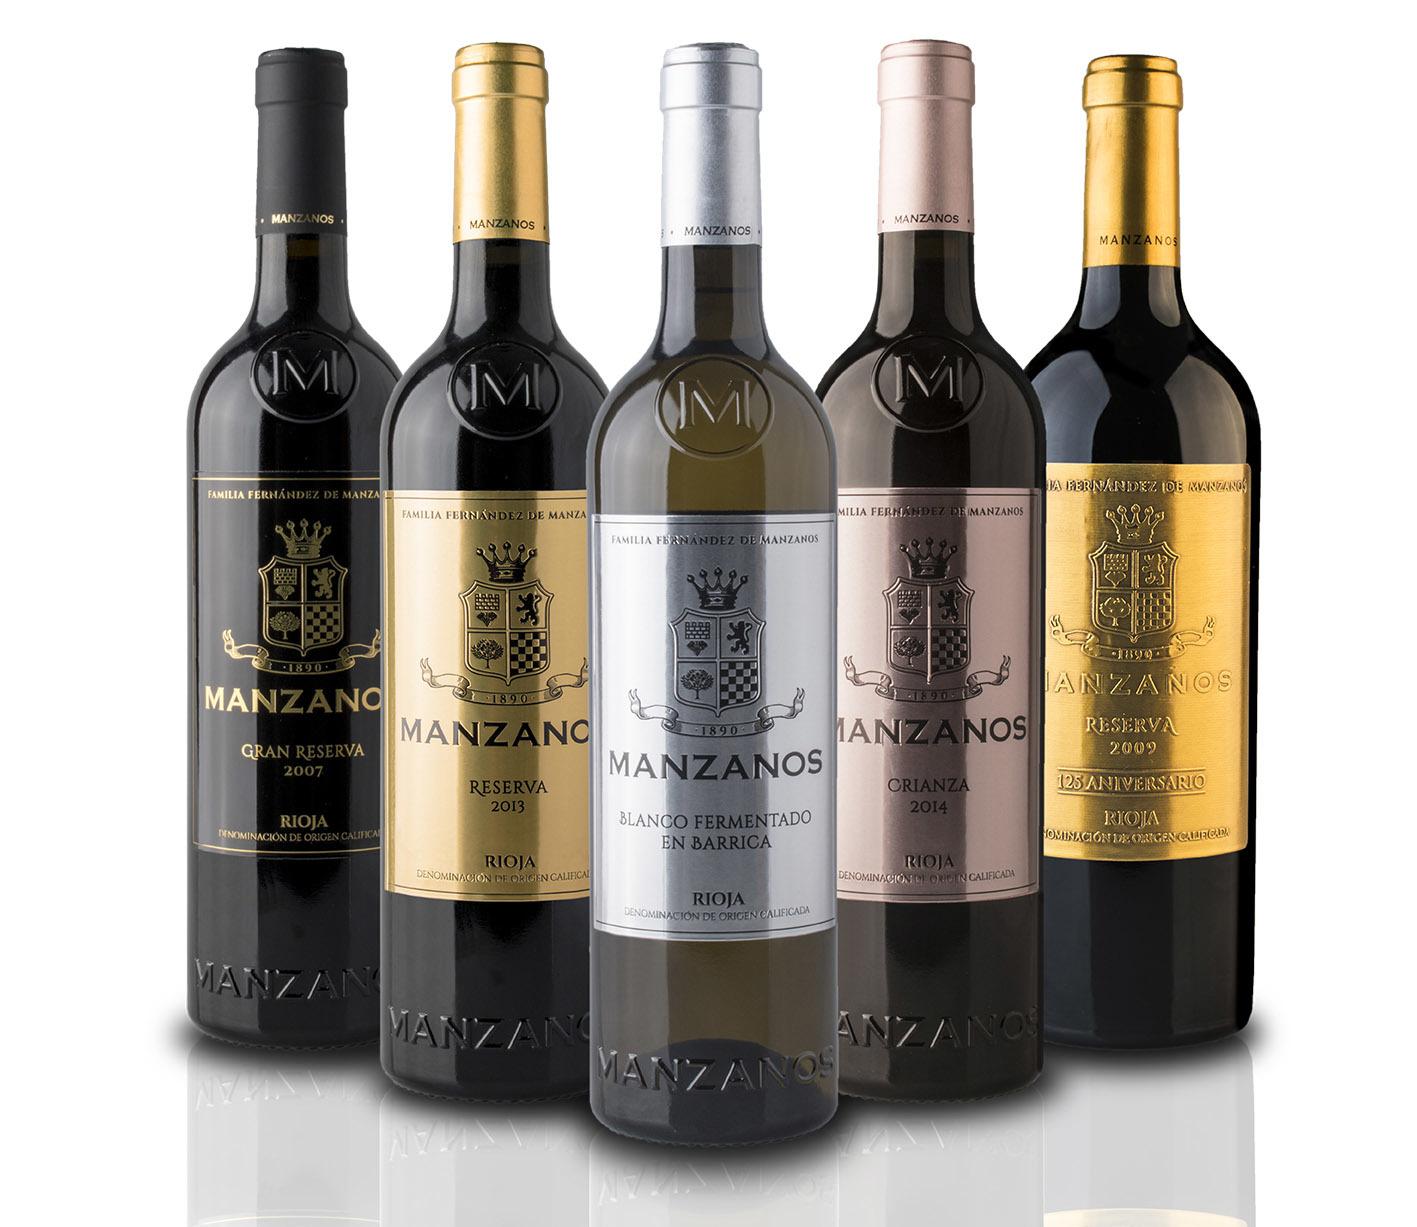 11 испанских вин по цене менее 15 евро среди Лучших вин мира 2019